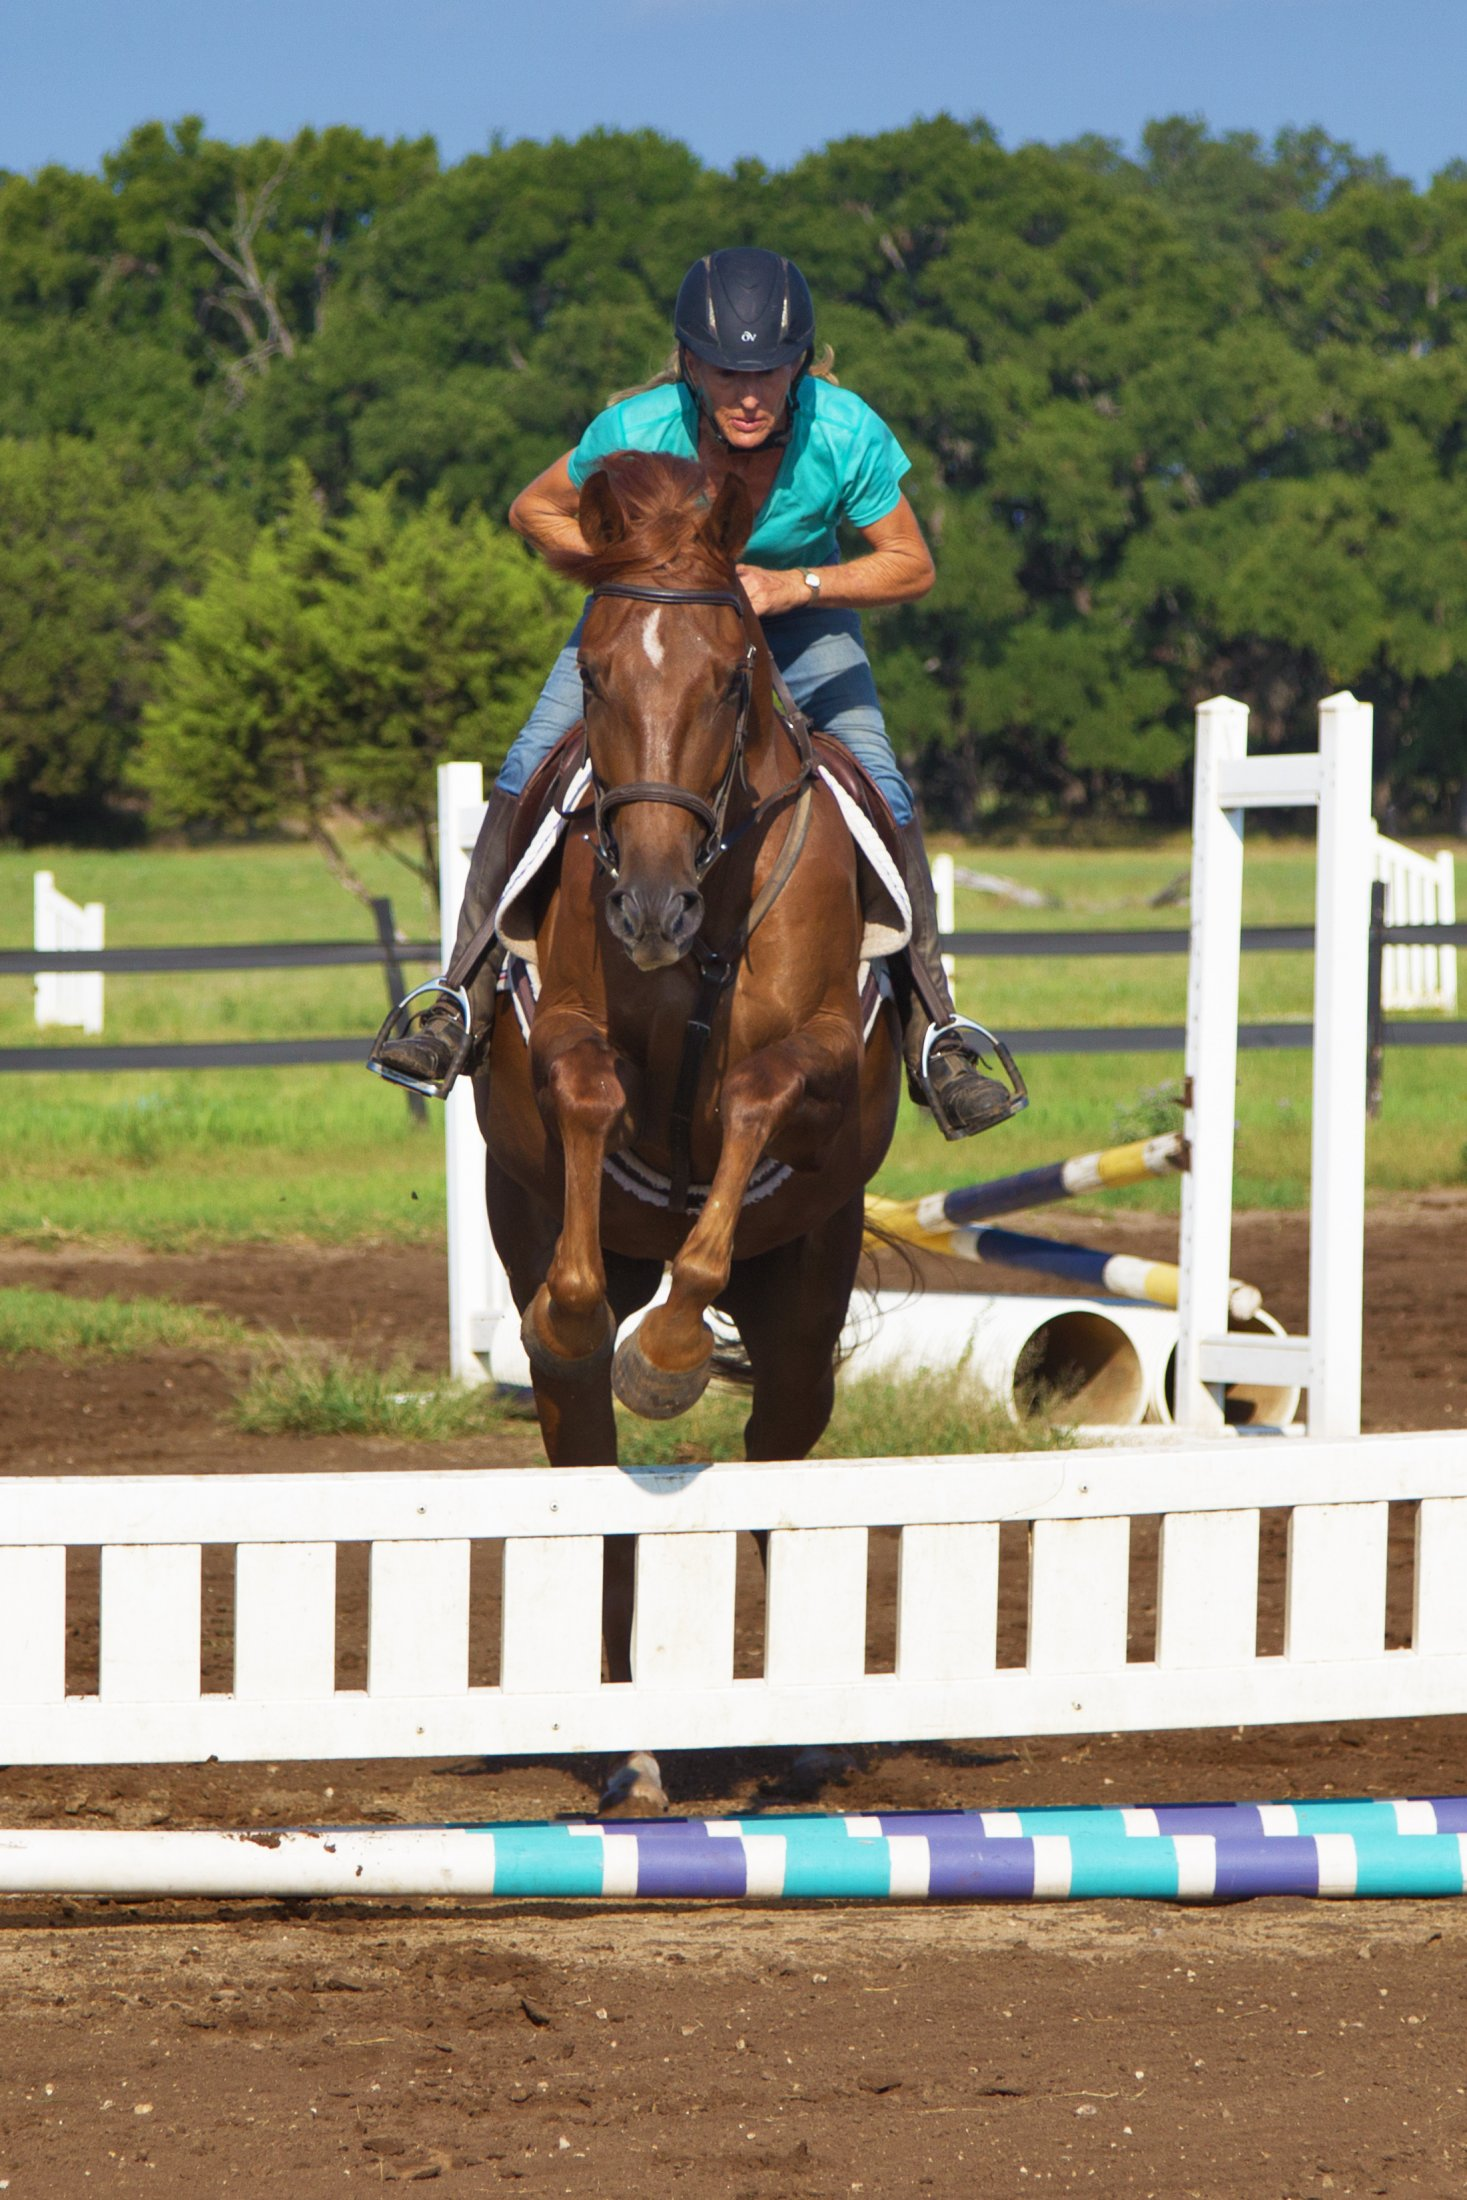 Sligo and Shane at Russell Equestrian Center